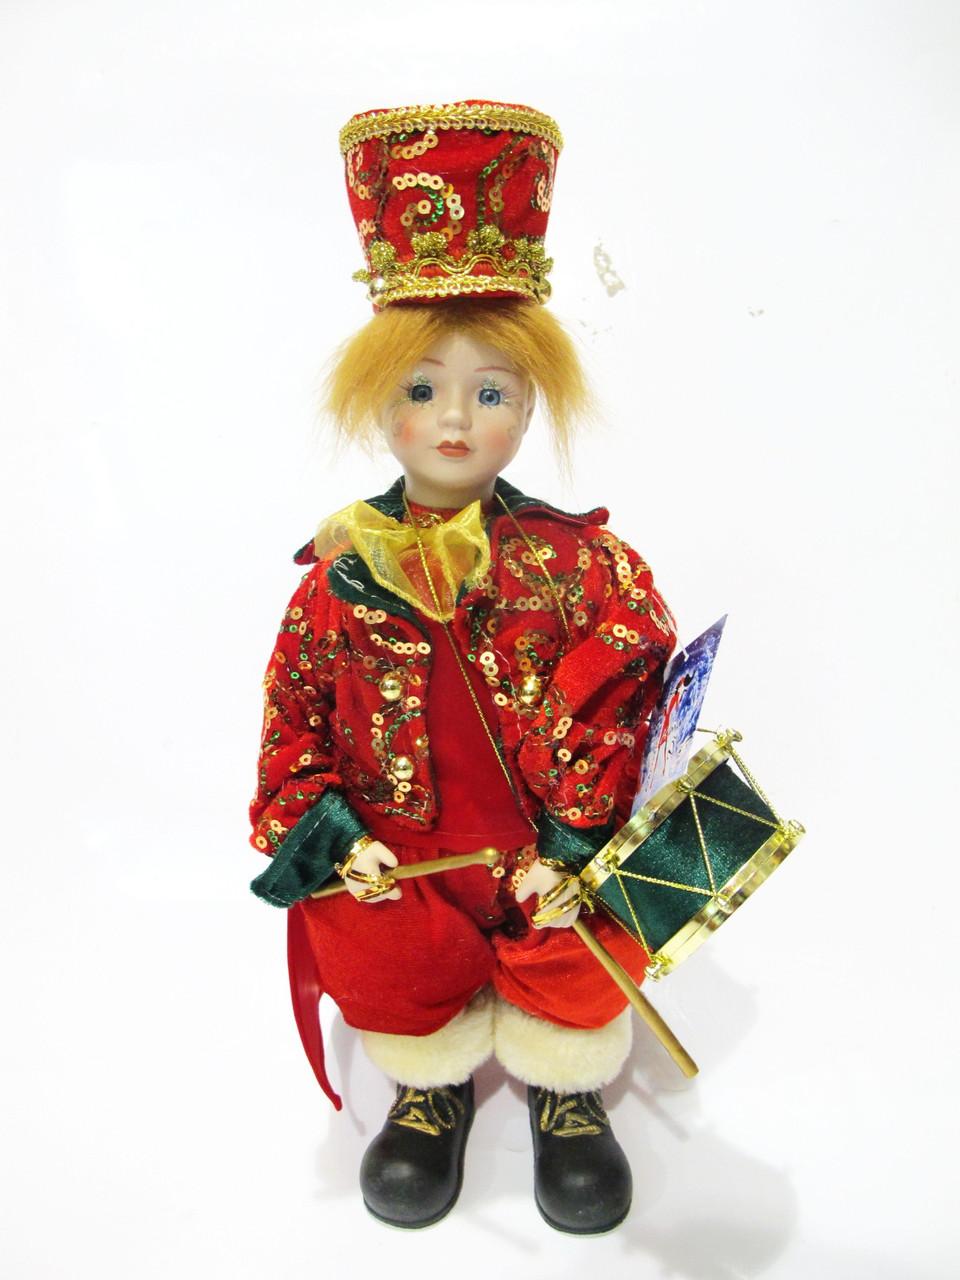 Новогодняя игрушка Барабанщик с музыкой